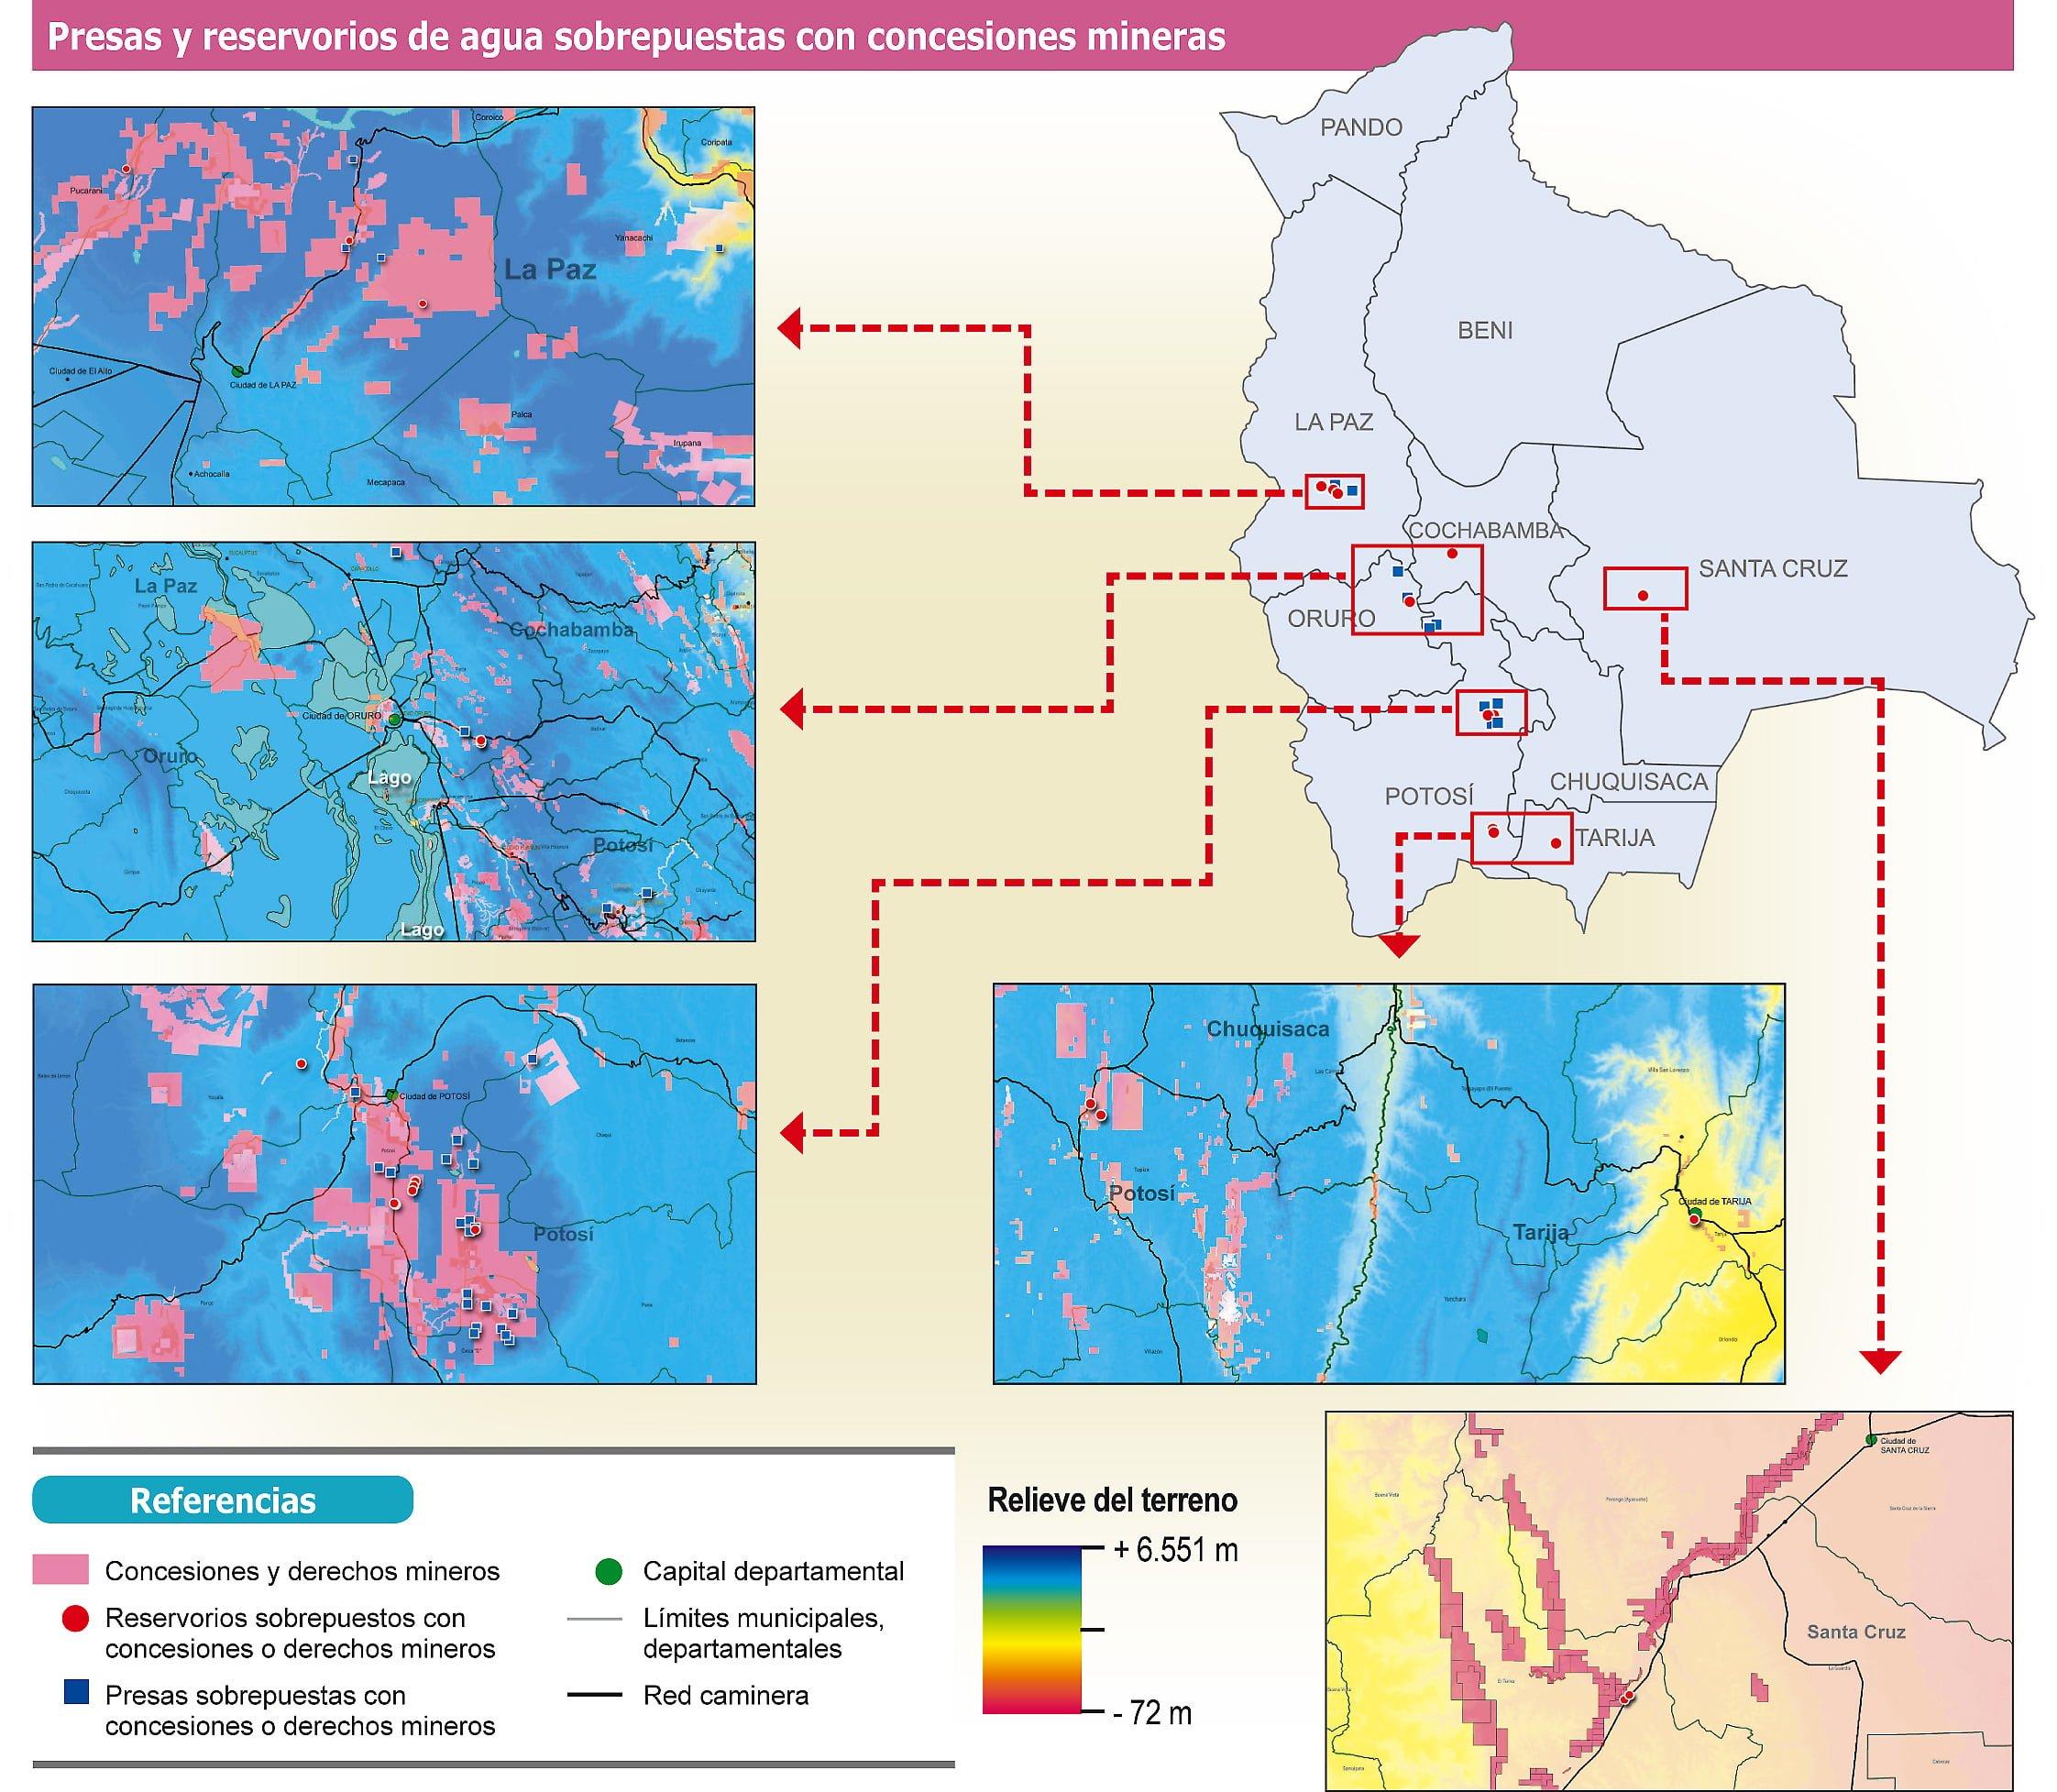 Presas de agua y mineria (Petropress 30, 1.13)